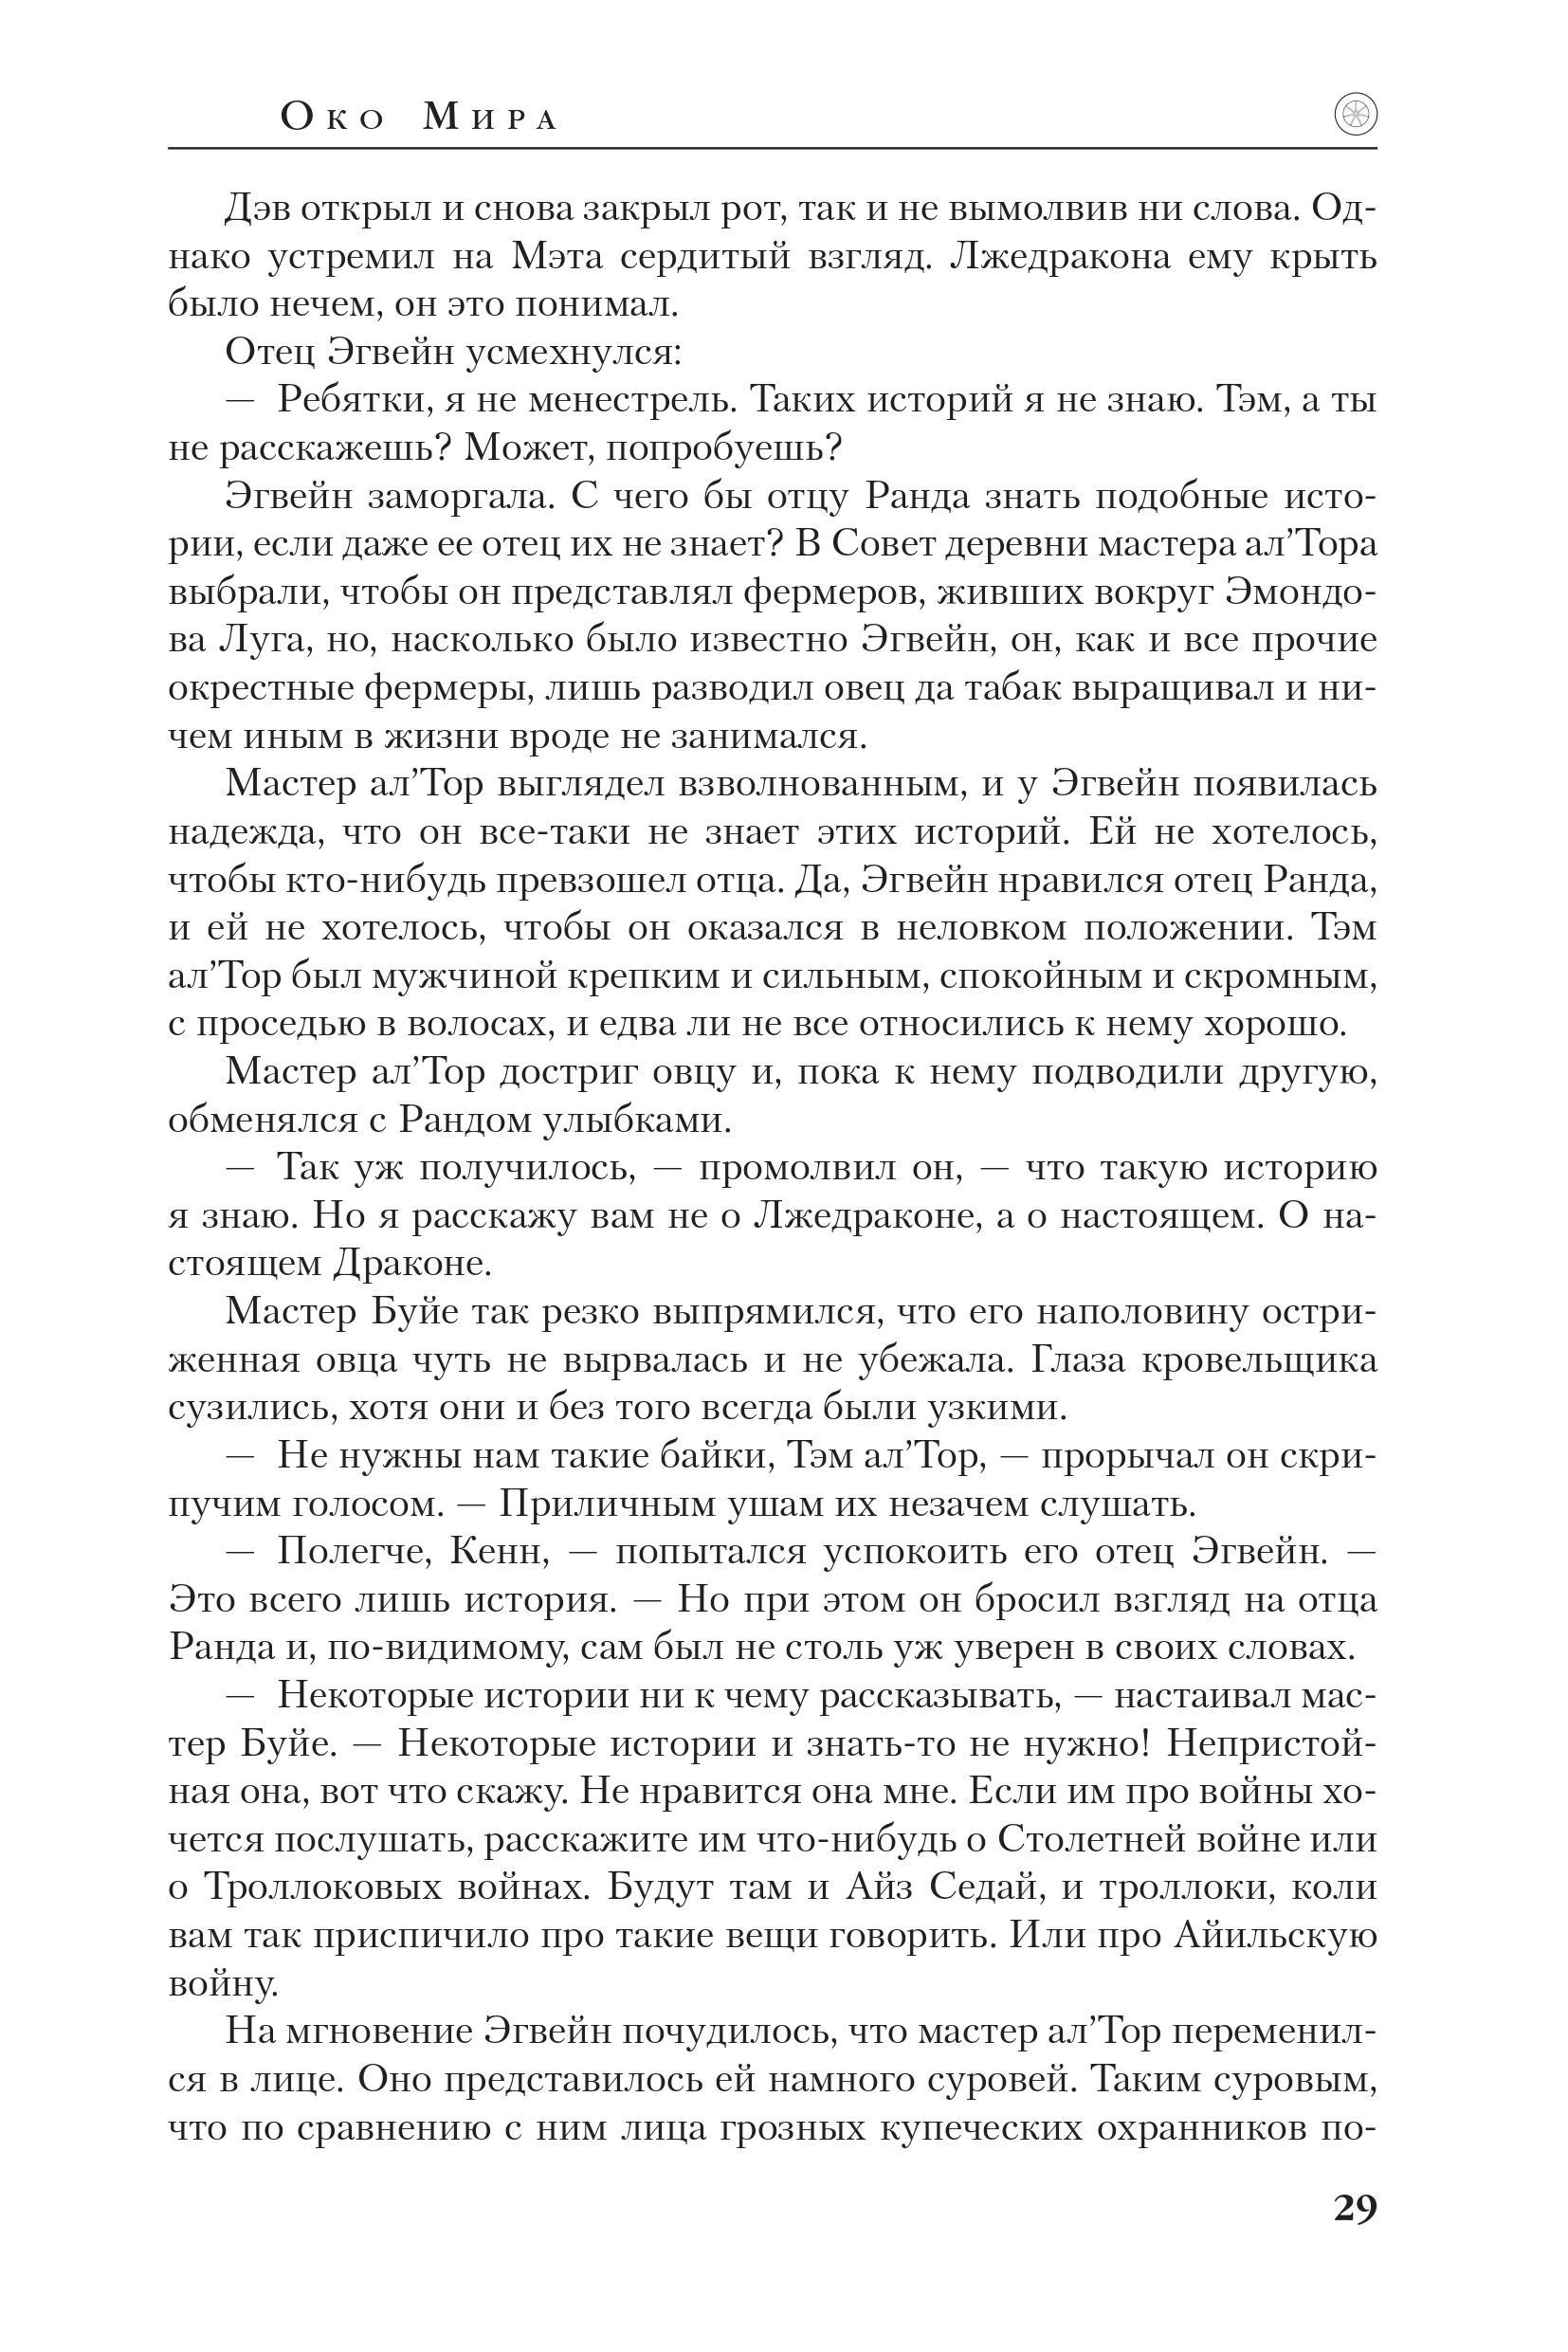 «Вороны»: отрывок изпереиздания романа «Око мира», первой части «Колеса времени» 26